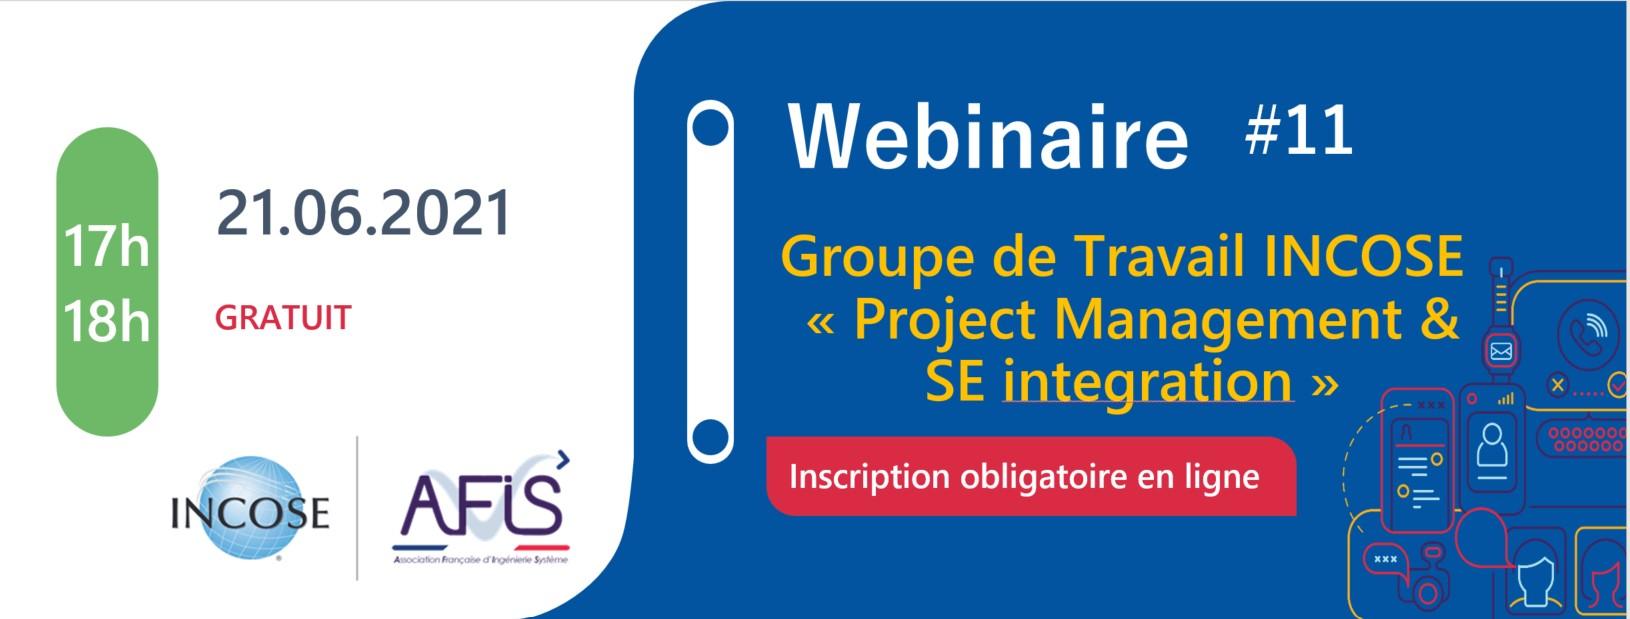 """Webinaire AFIS #11 Groupe de travail INCOSE """"Project Management & SE Integration"""""""